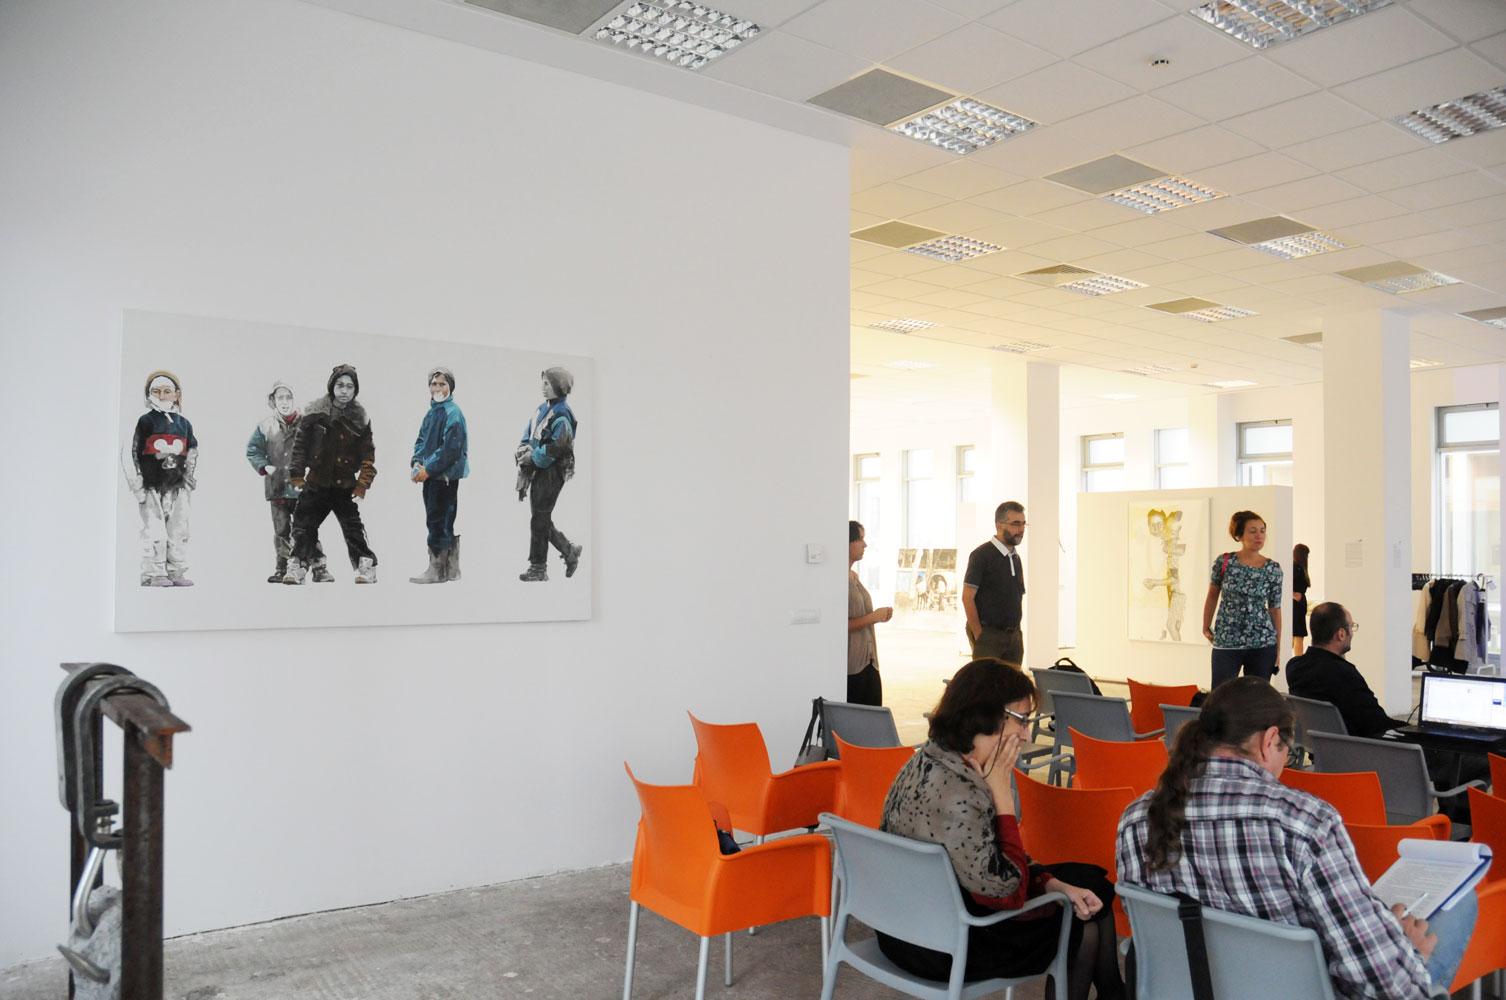 Daniel Brici, solo show Copiii care nu se vad @ Nasui collection & gallery Bucuresti (13)